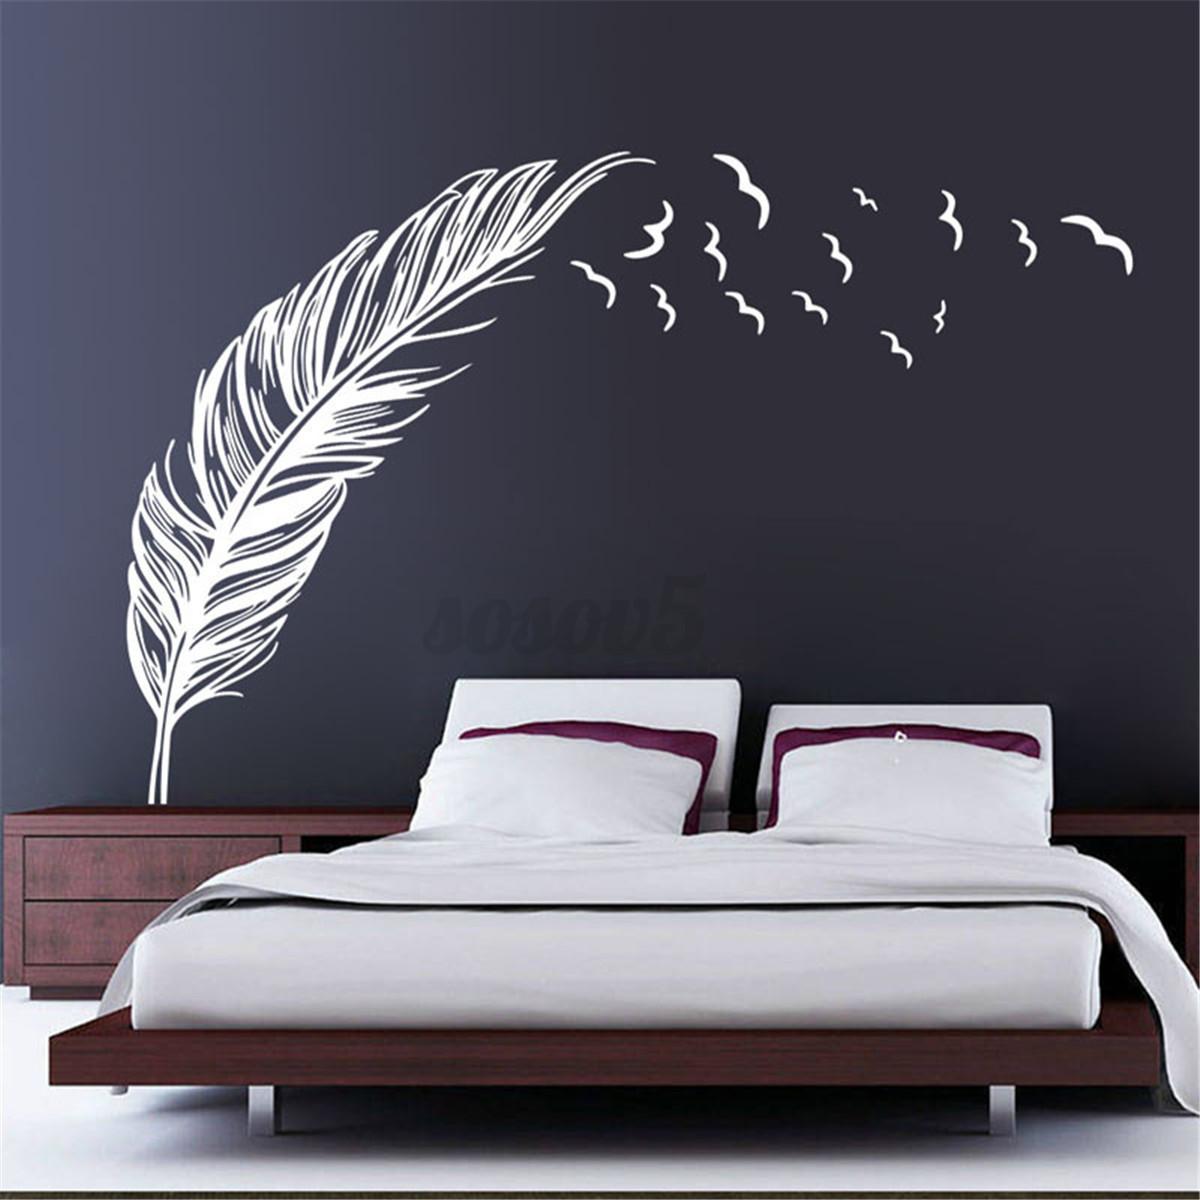 Pegatina-de-Pared-Vinilo-Mural-Decal-Decoracion-Hogar-Adhesivo-Removible-Decal